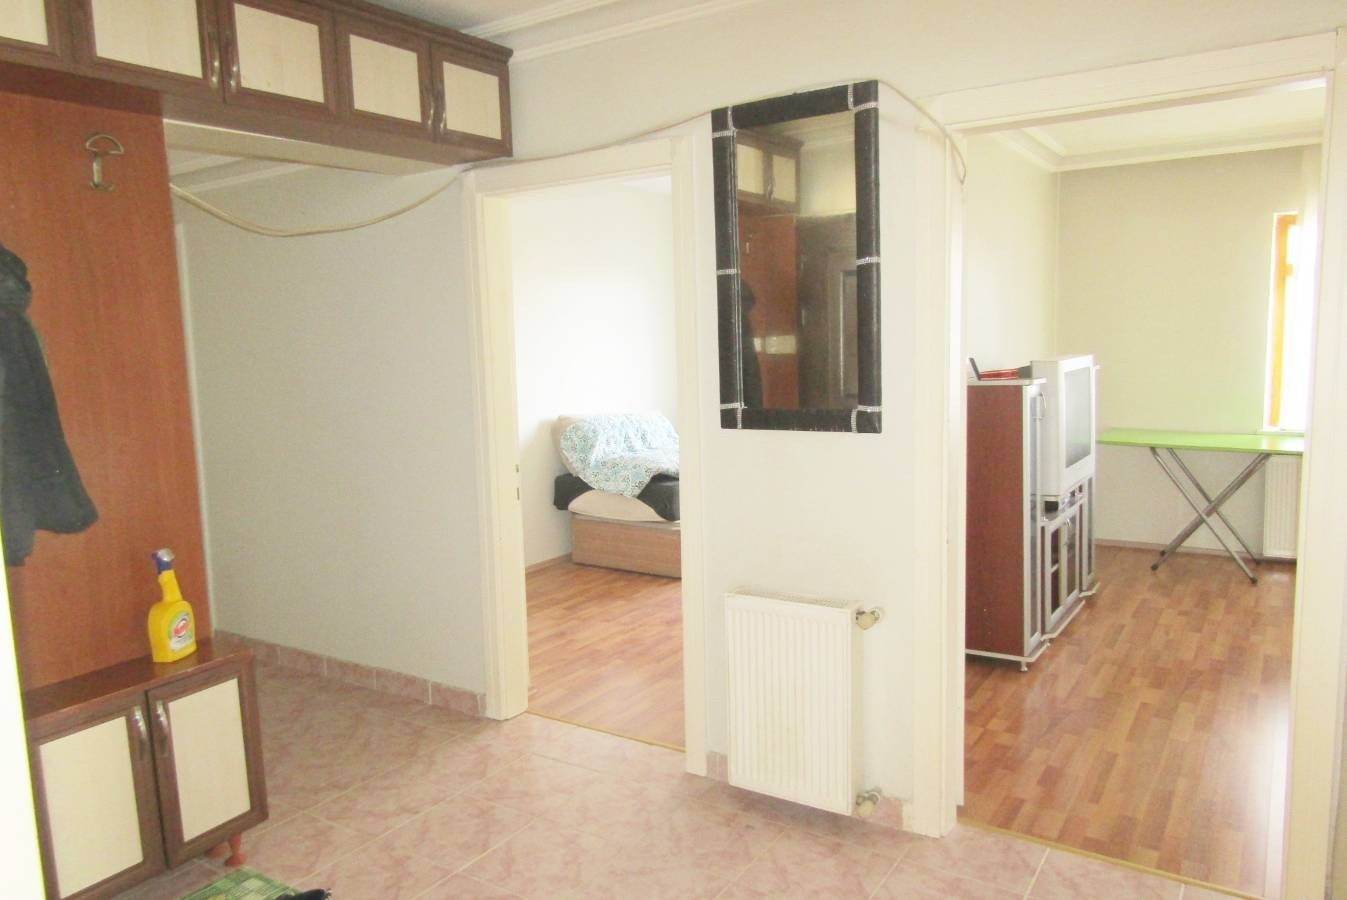 SR EMLAK'TAN 30 AĞUSTOS MAH'DE 3+1 110 m² ARA KATTA BAĞIMSIZ ULAŞIMA YAKIN DAİRE